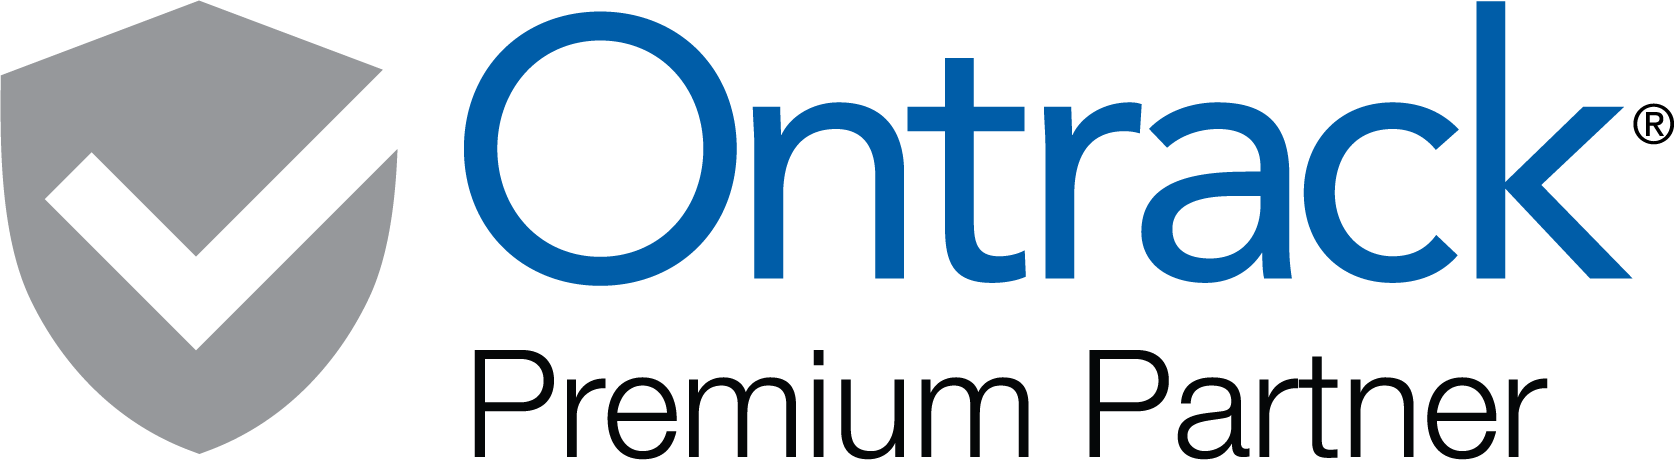 Autorisierter Datenrettungs Premium Partner vom Marktführer